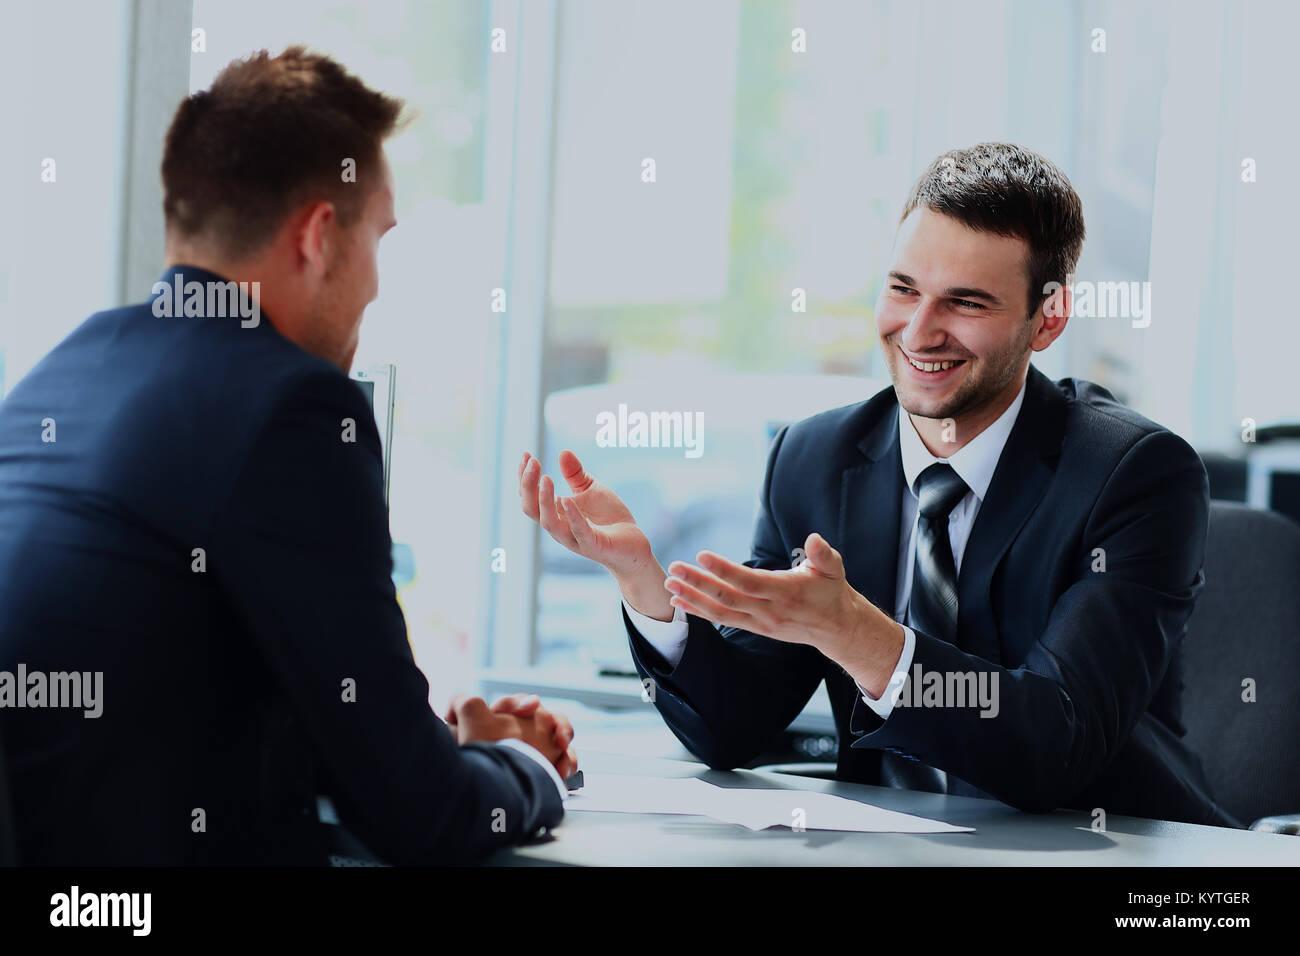 La gente di affari di parlare durante il colloquio nel loro ufficio. Immagini Stock